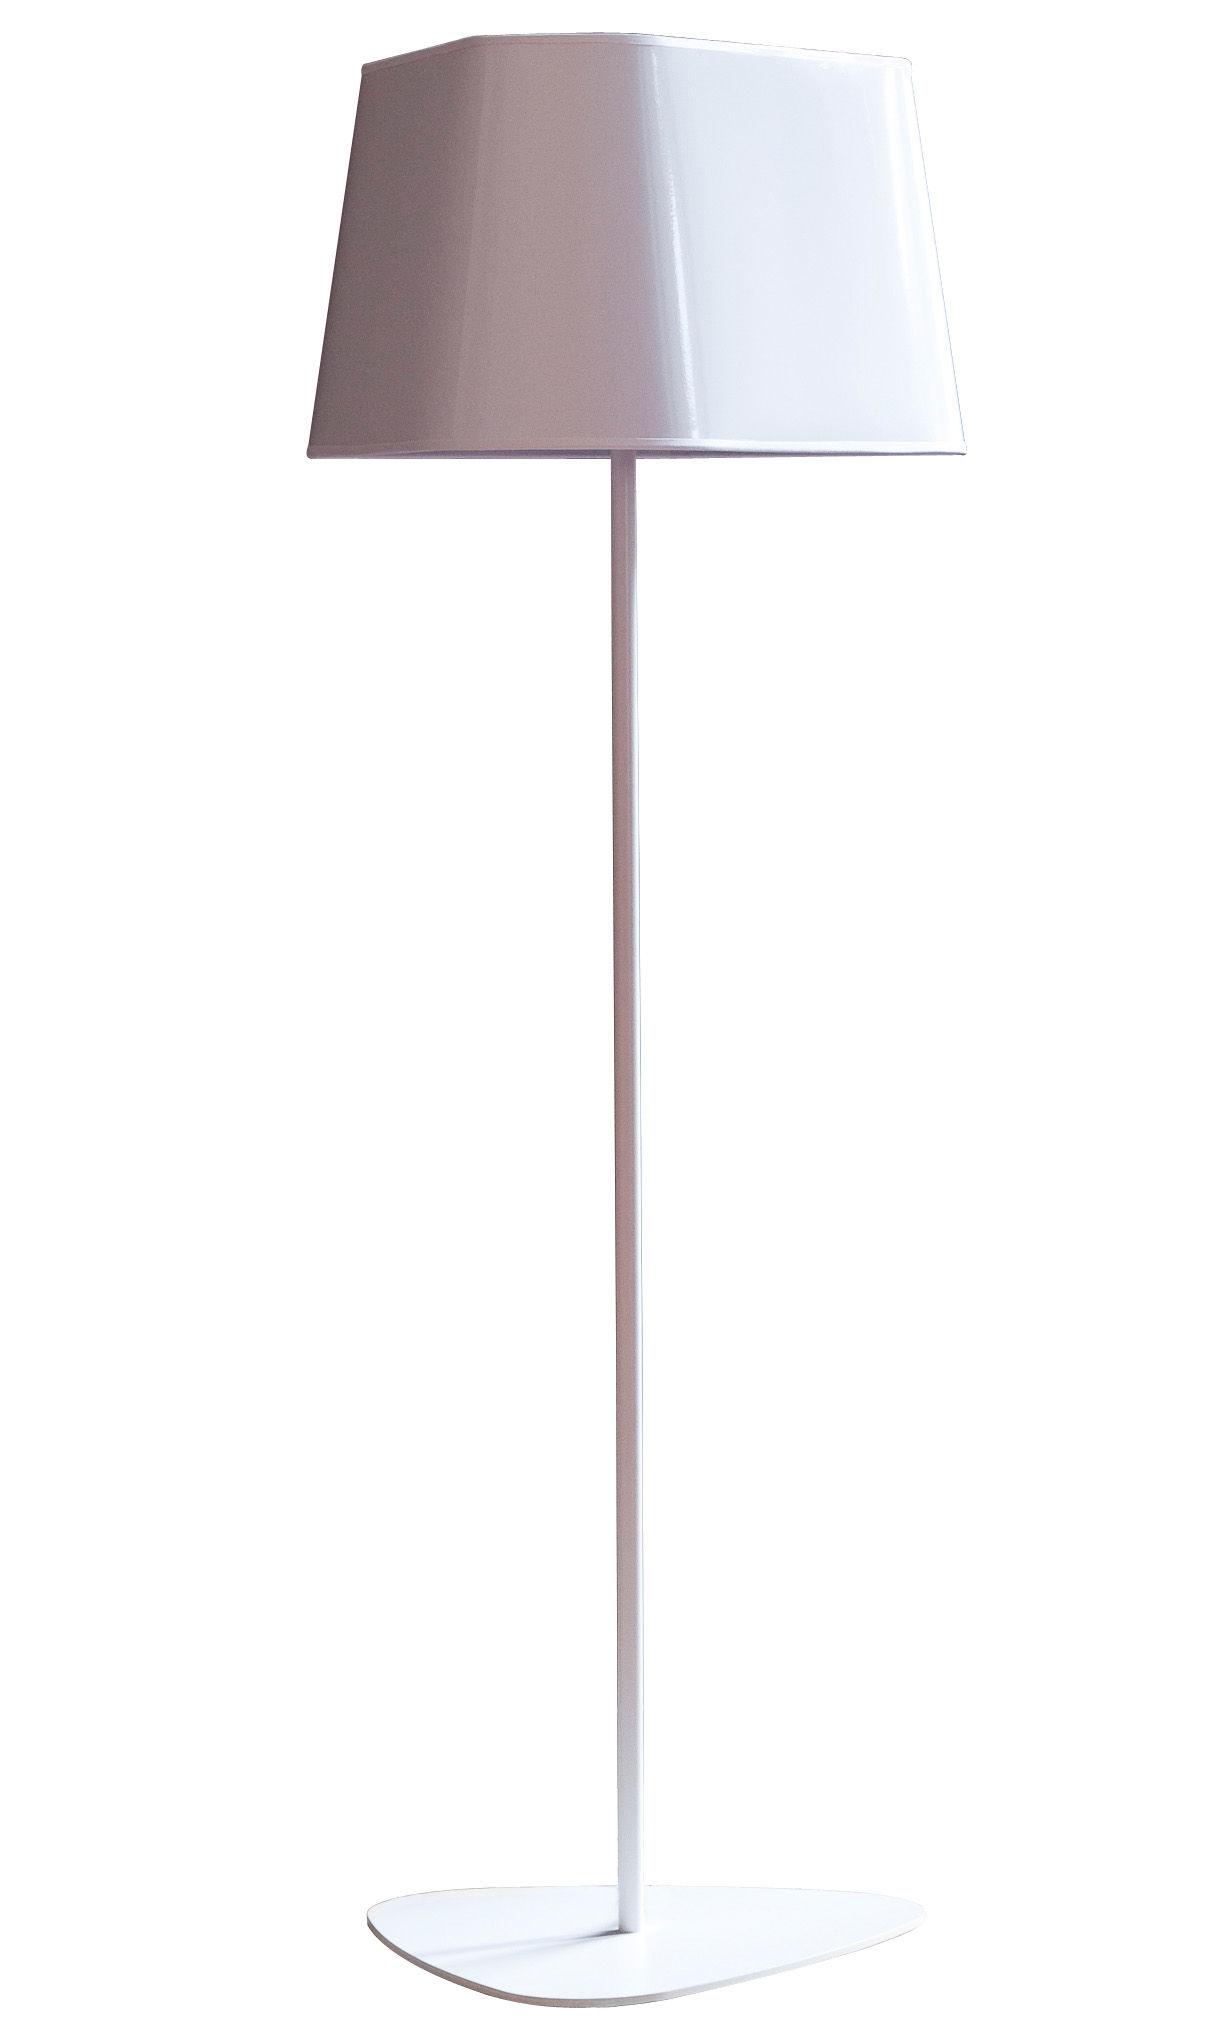 Leuchten - Stehleuchten - Grand Nuage Stehleuchte - Designheure - H 122 cm -  Weißes Percaline-Baumwollgewebe - lackierter Stahl, Percaline de coton